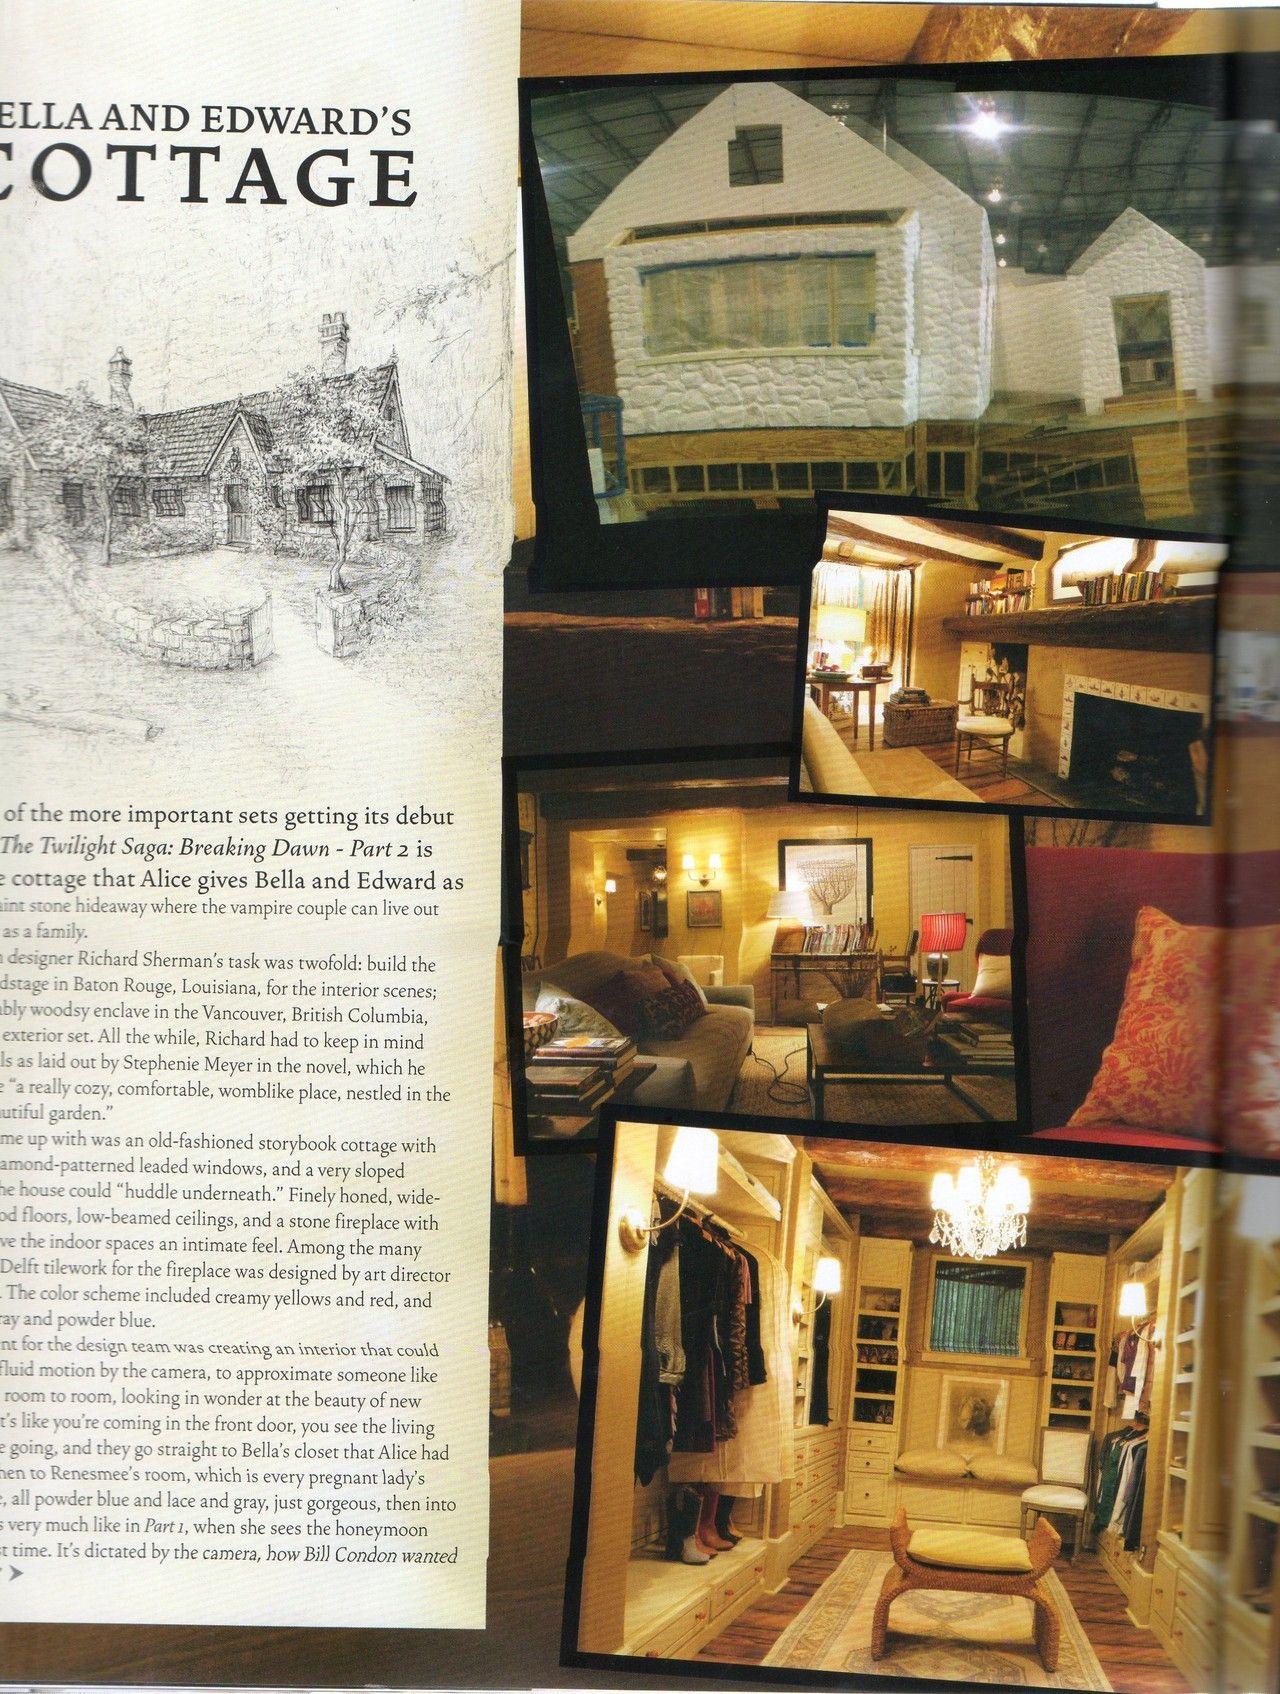 Imgbox Fast Simple Image Host Twilight Saga Twilight Storybook Cottage